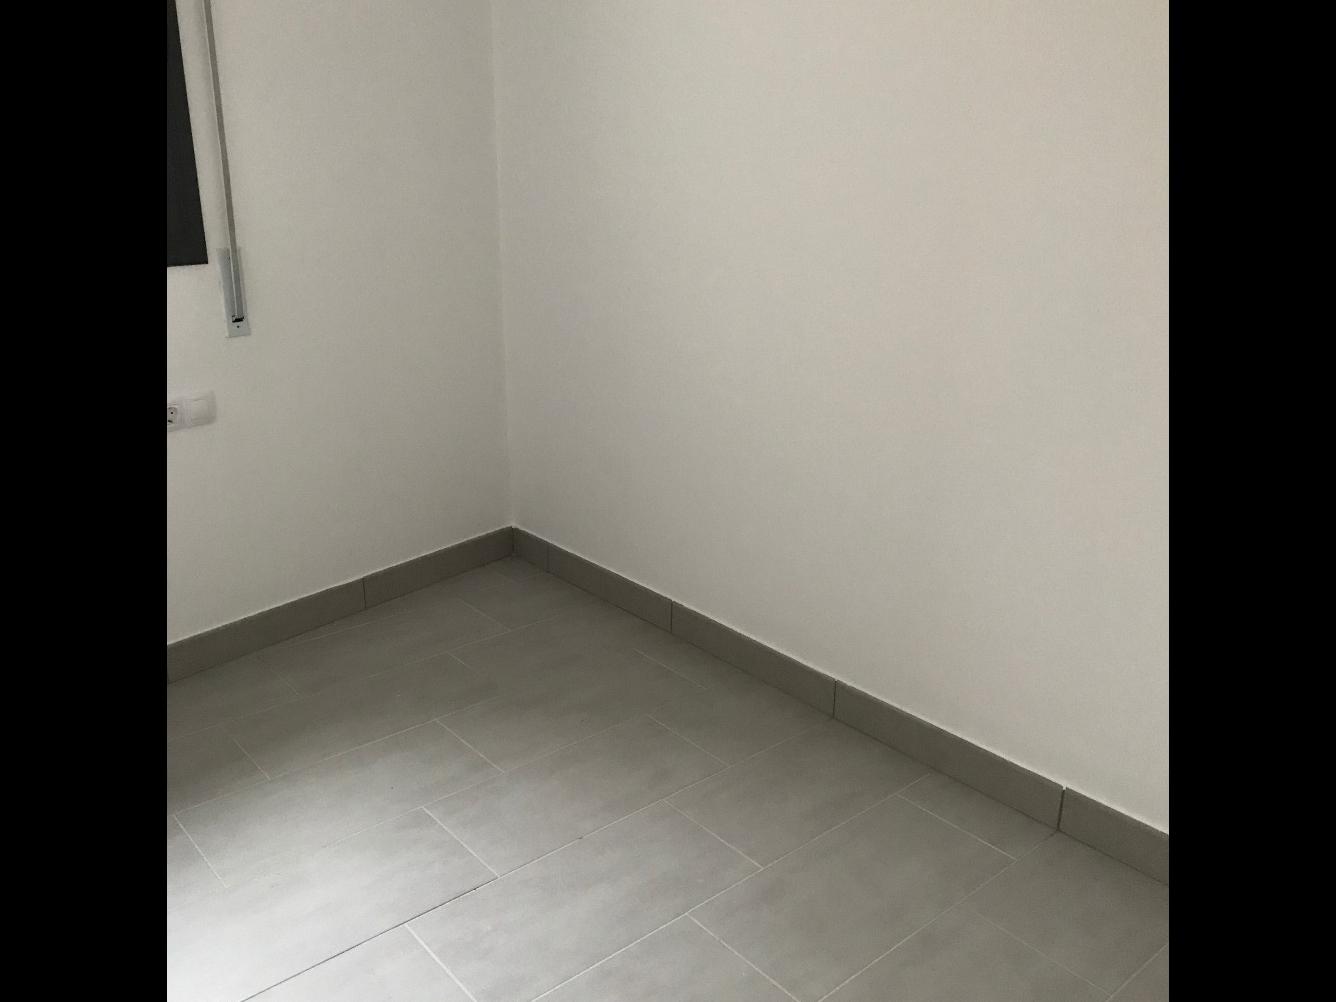 Pis  Calle de la bassa. Piso en venta nuevo a estrenar en Artesa de Lleida, de 55 m2 con